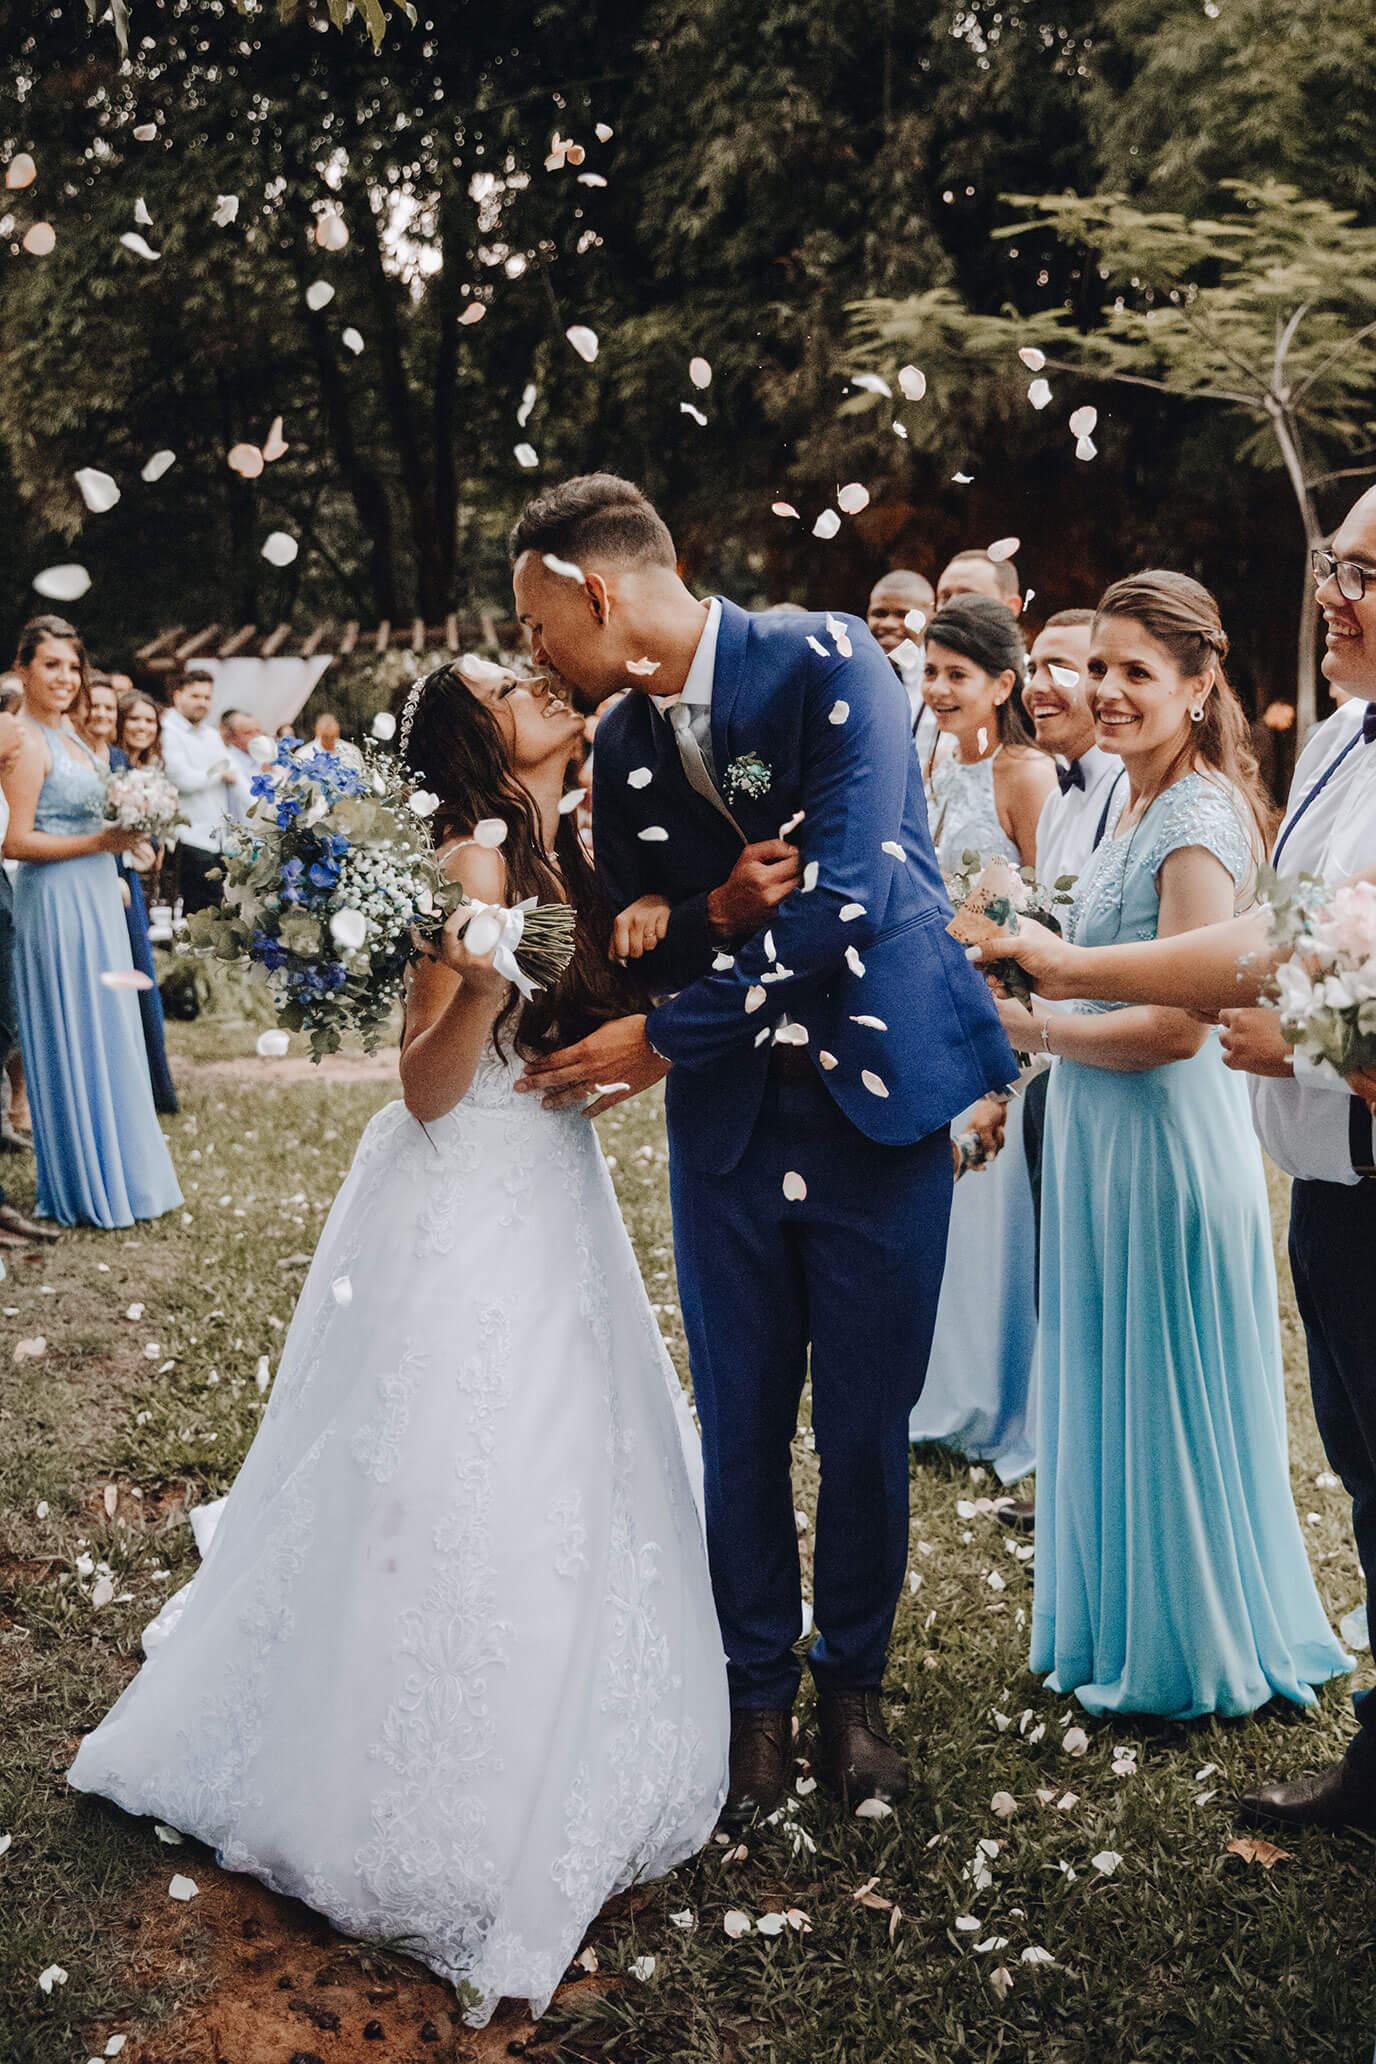 afbeelding van een bruiloft event